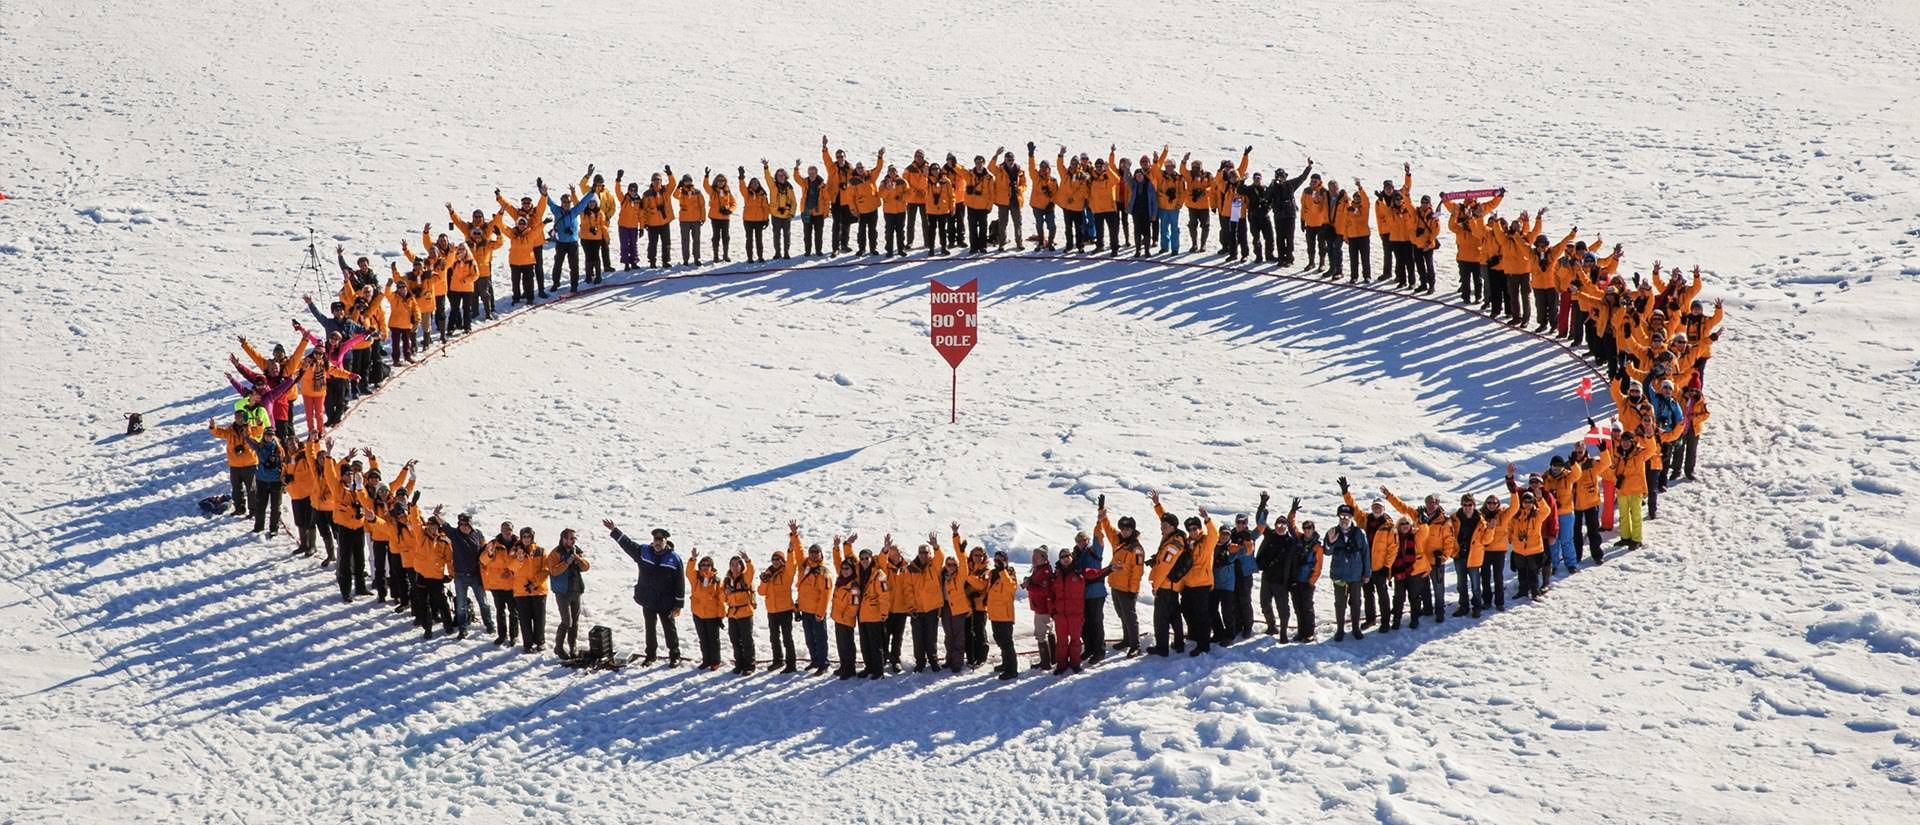 טיול לקוטב הצפוני - 14 יום - שייט אל הנקודה הצפונית ביותר בעולם